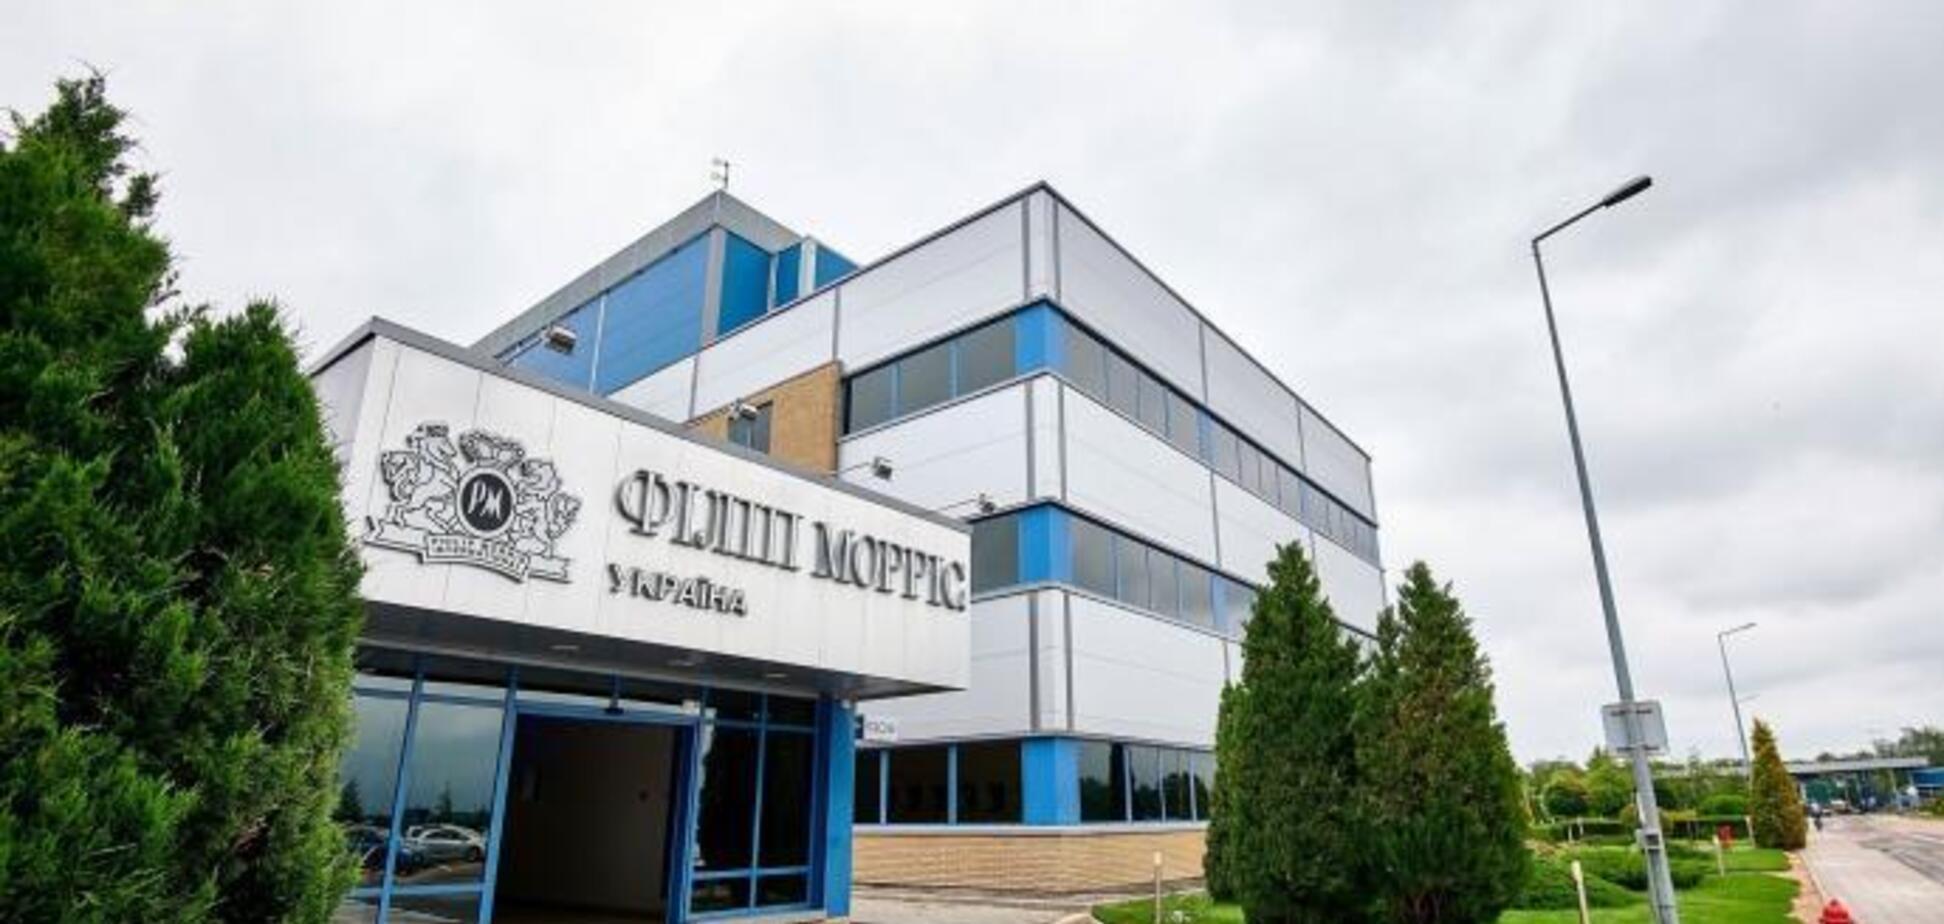 Харьков останется без работы: табачную фабрику Philip Morris закроют